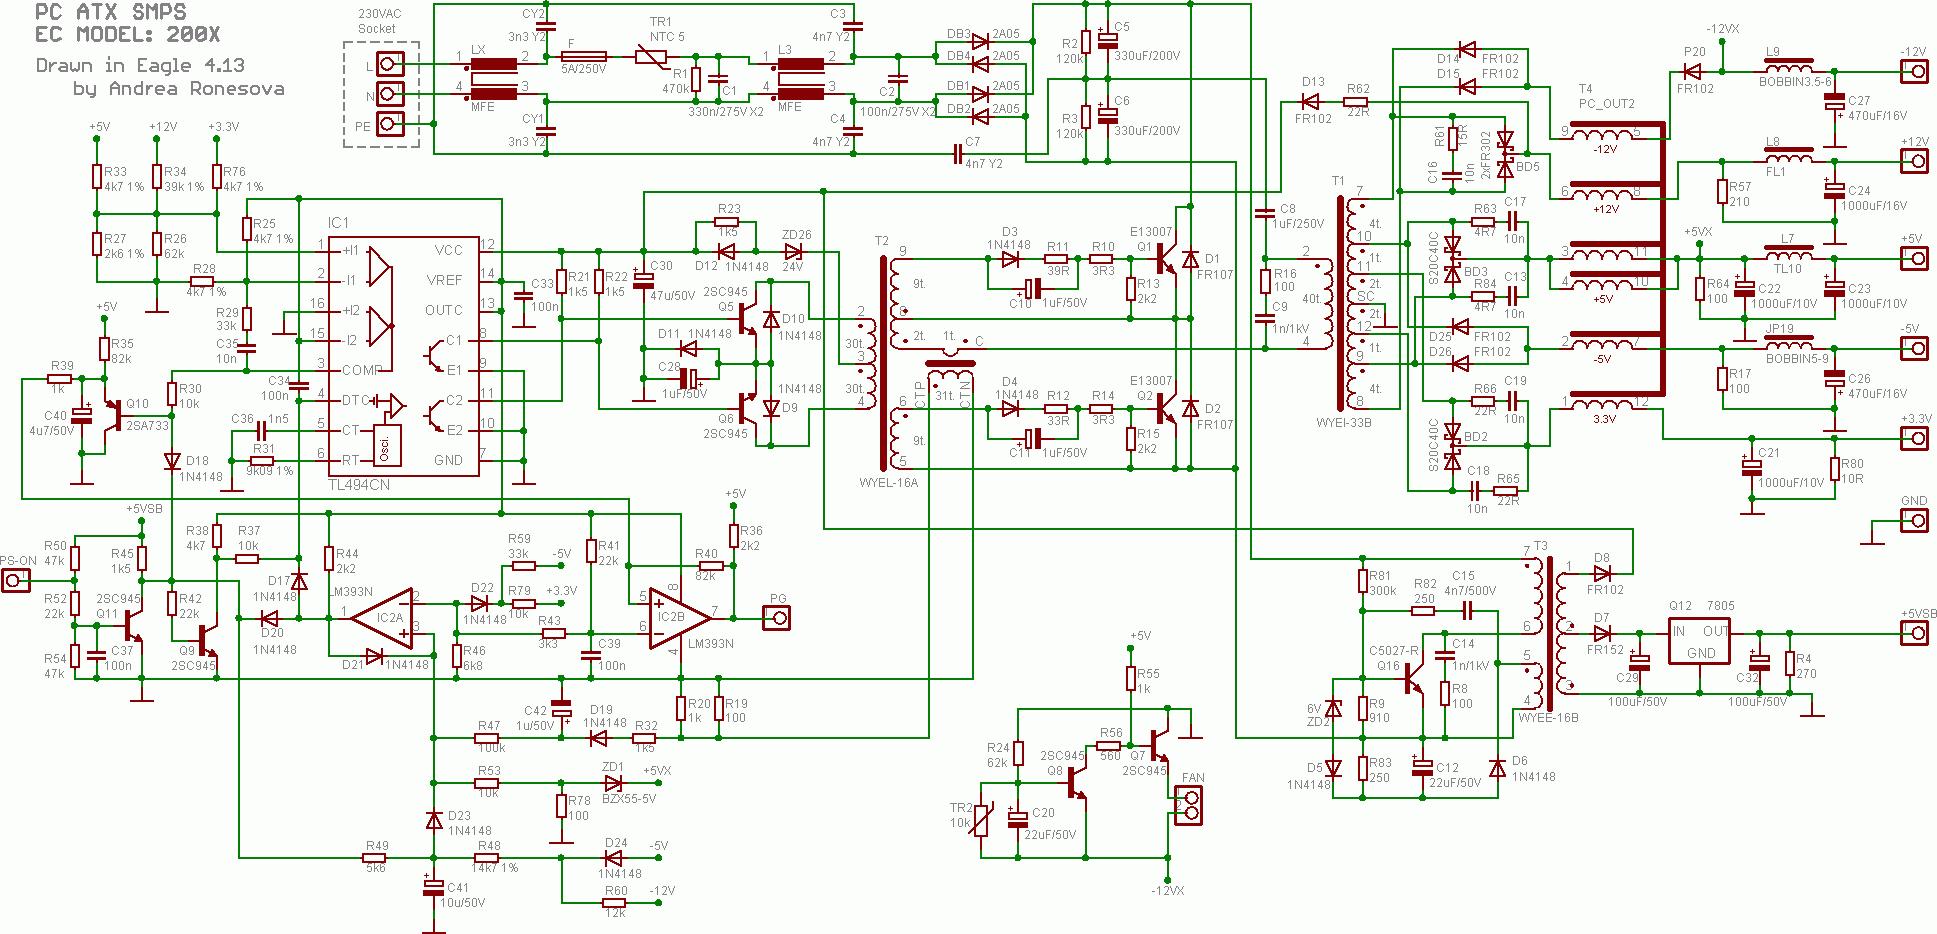 Berühmt Pc Netzteil Schema Bilder - Elektrische Schaltplan-Ideen ...